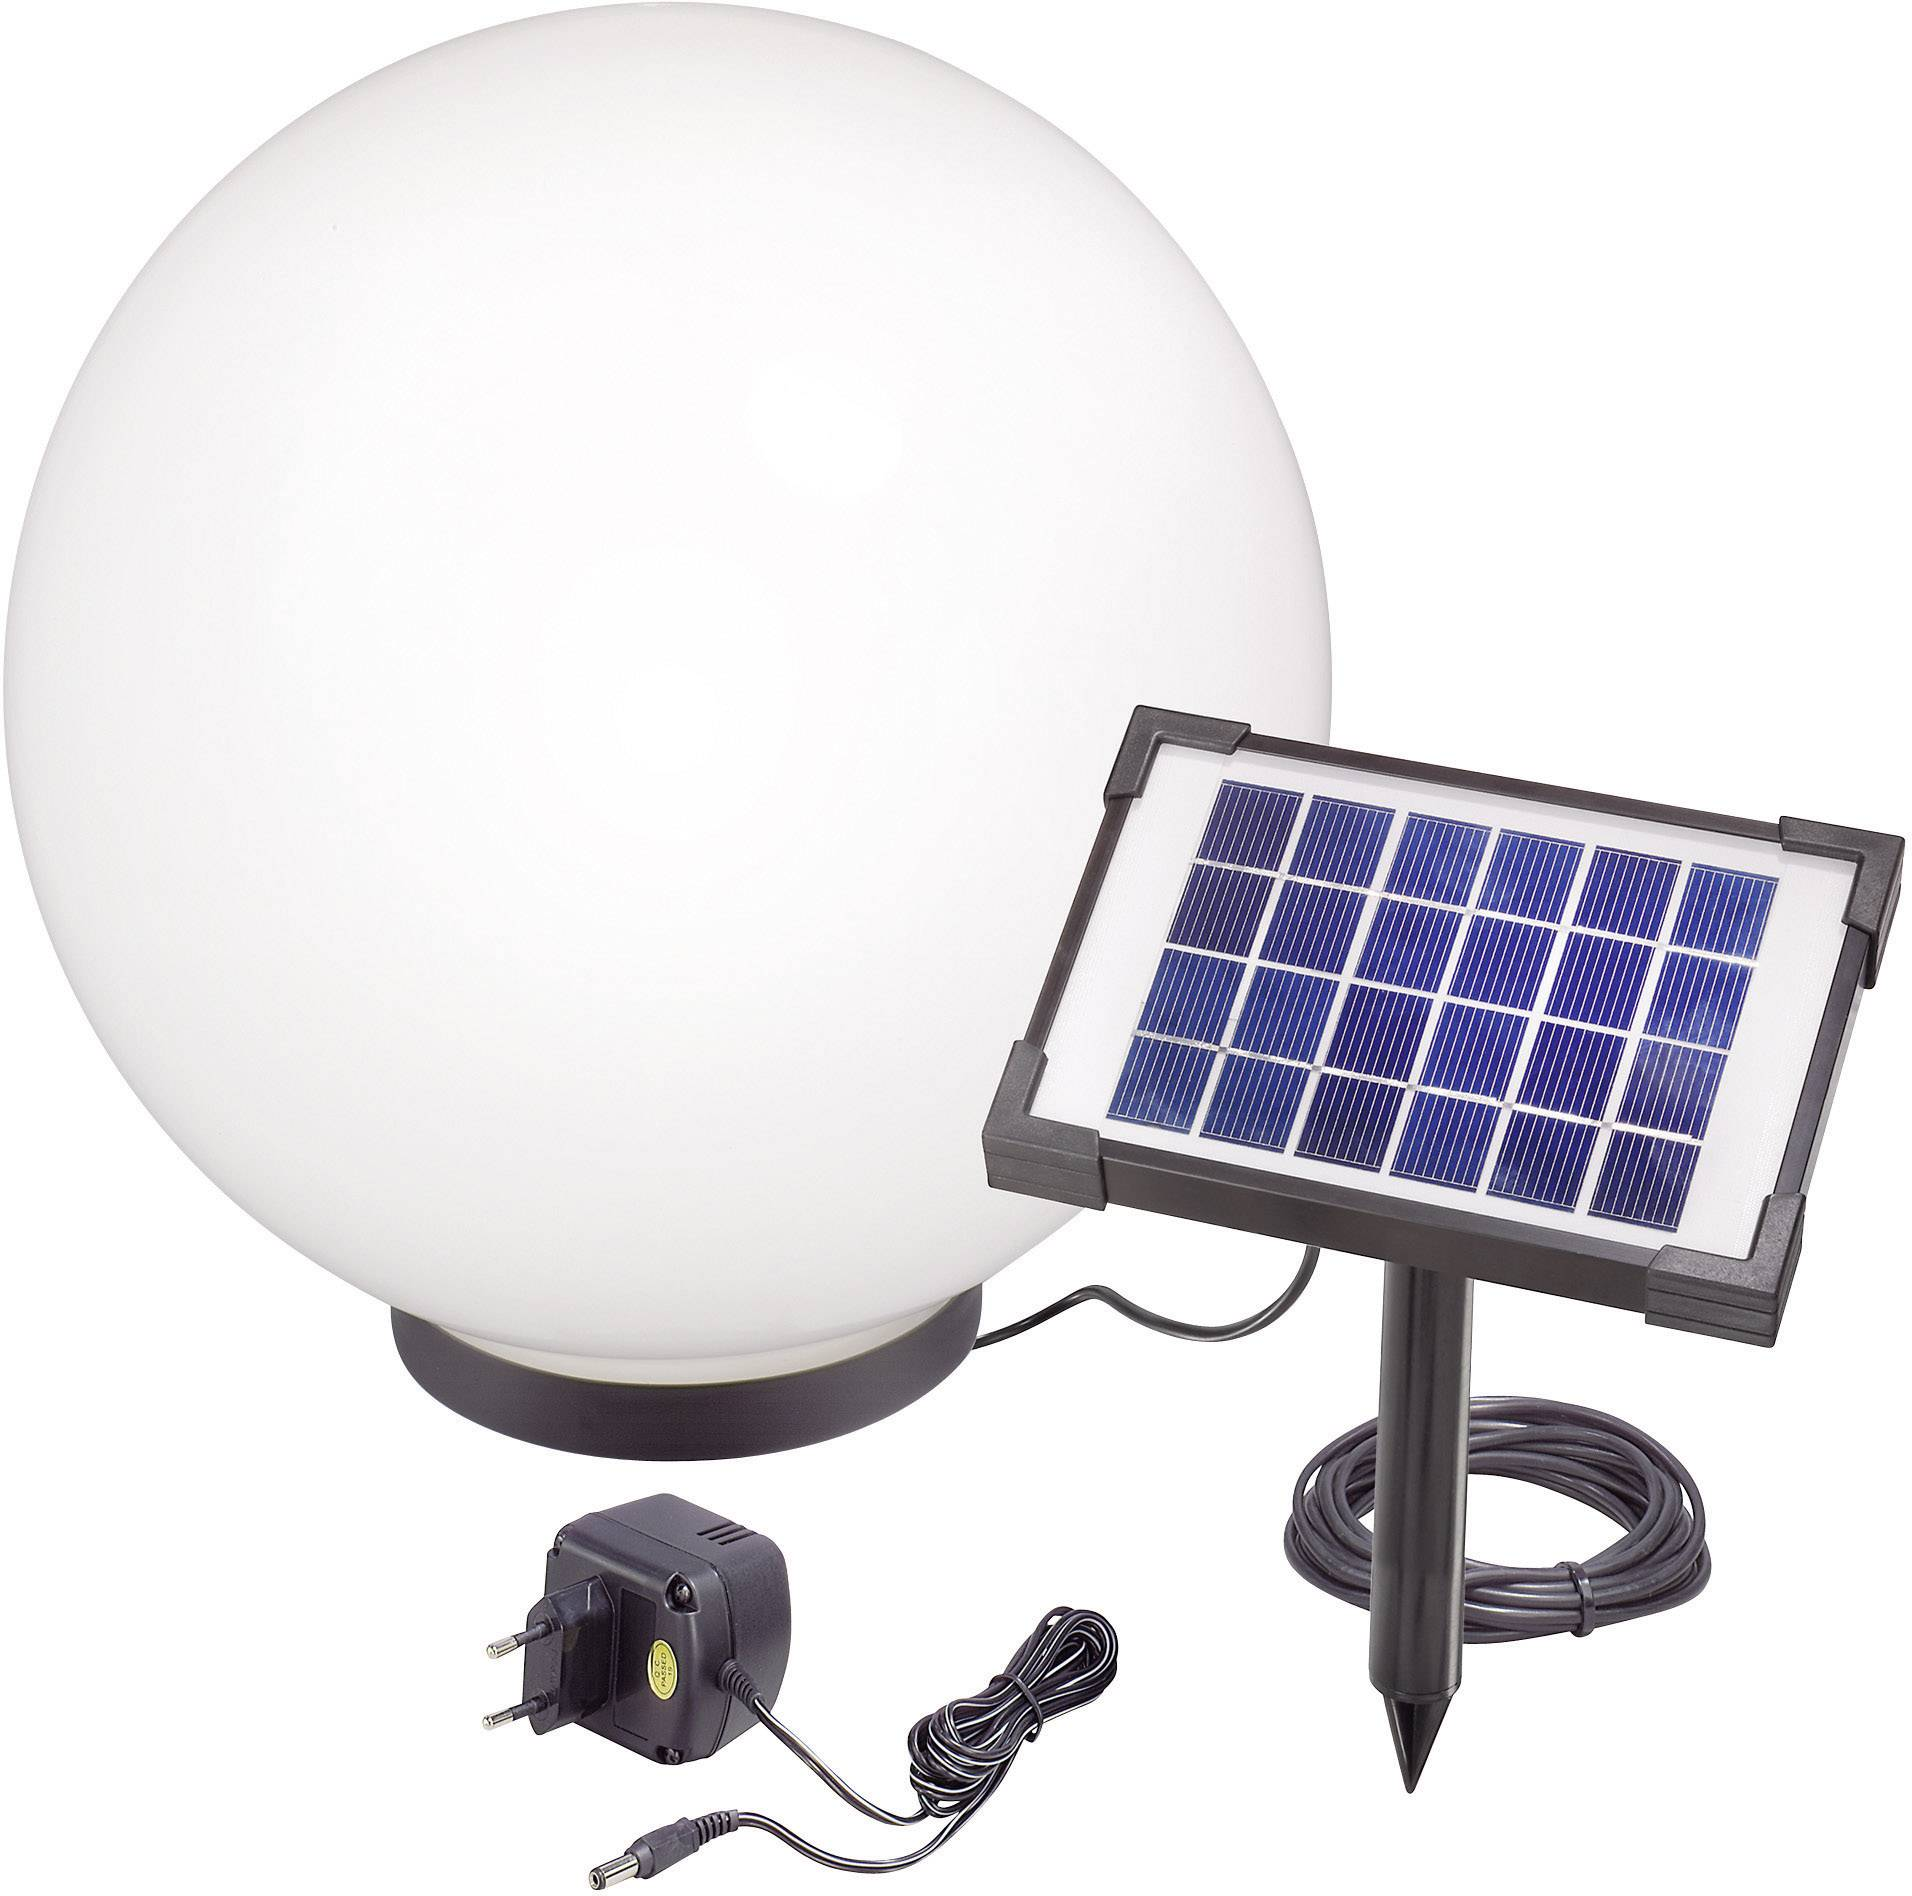 LED solárna guľa Esotec Mega 40 106038, vonkajší Ø 40 cm, čierna, biela, RGB